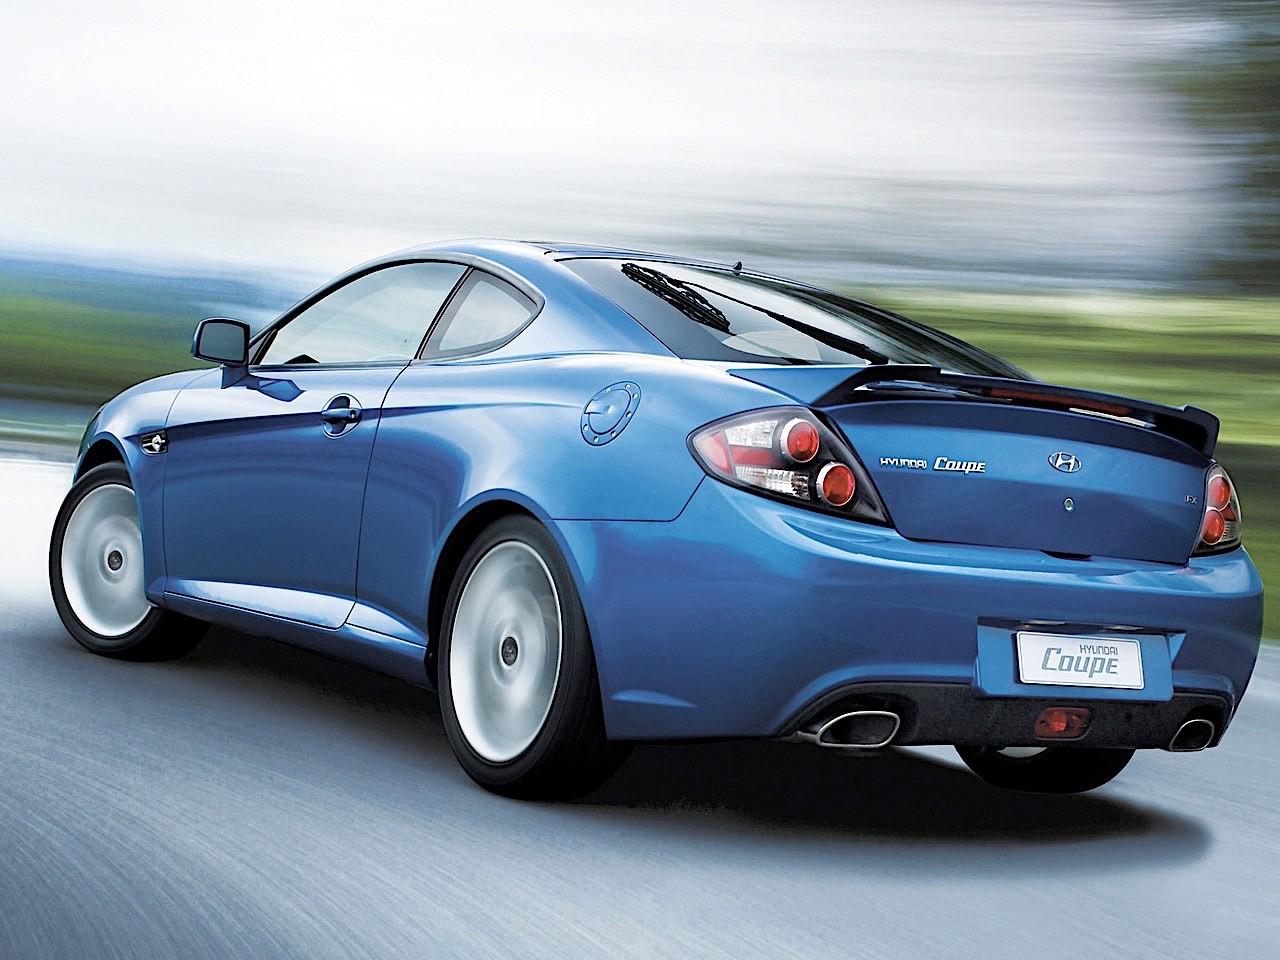 HYUNDAI Coupe / Tiburon specs - 2007, 2008, 2009 ...